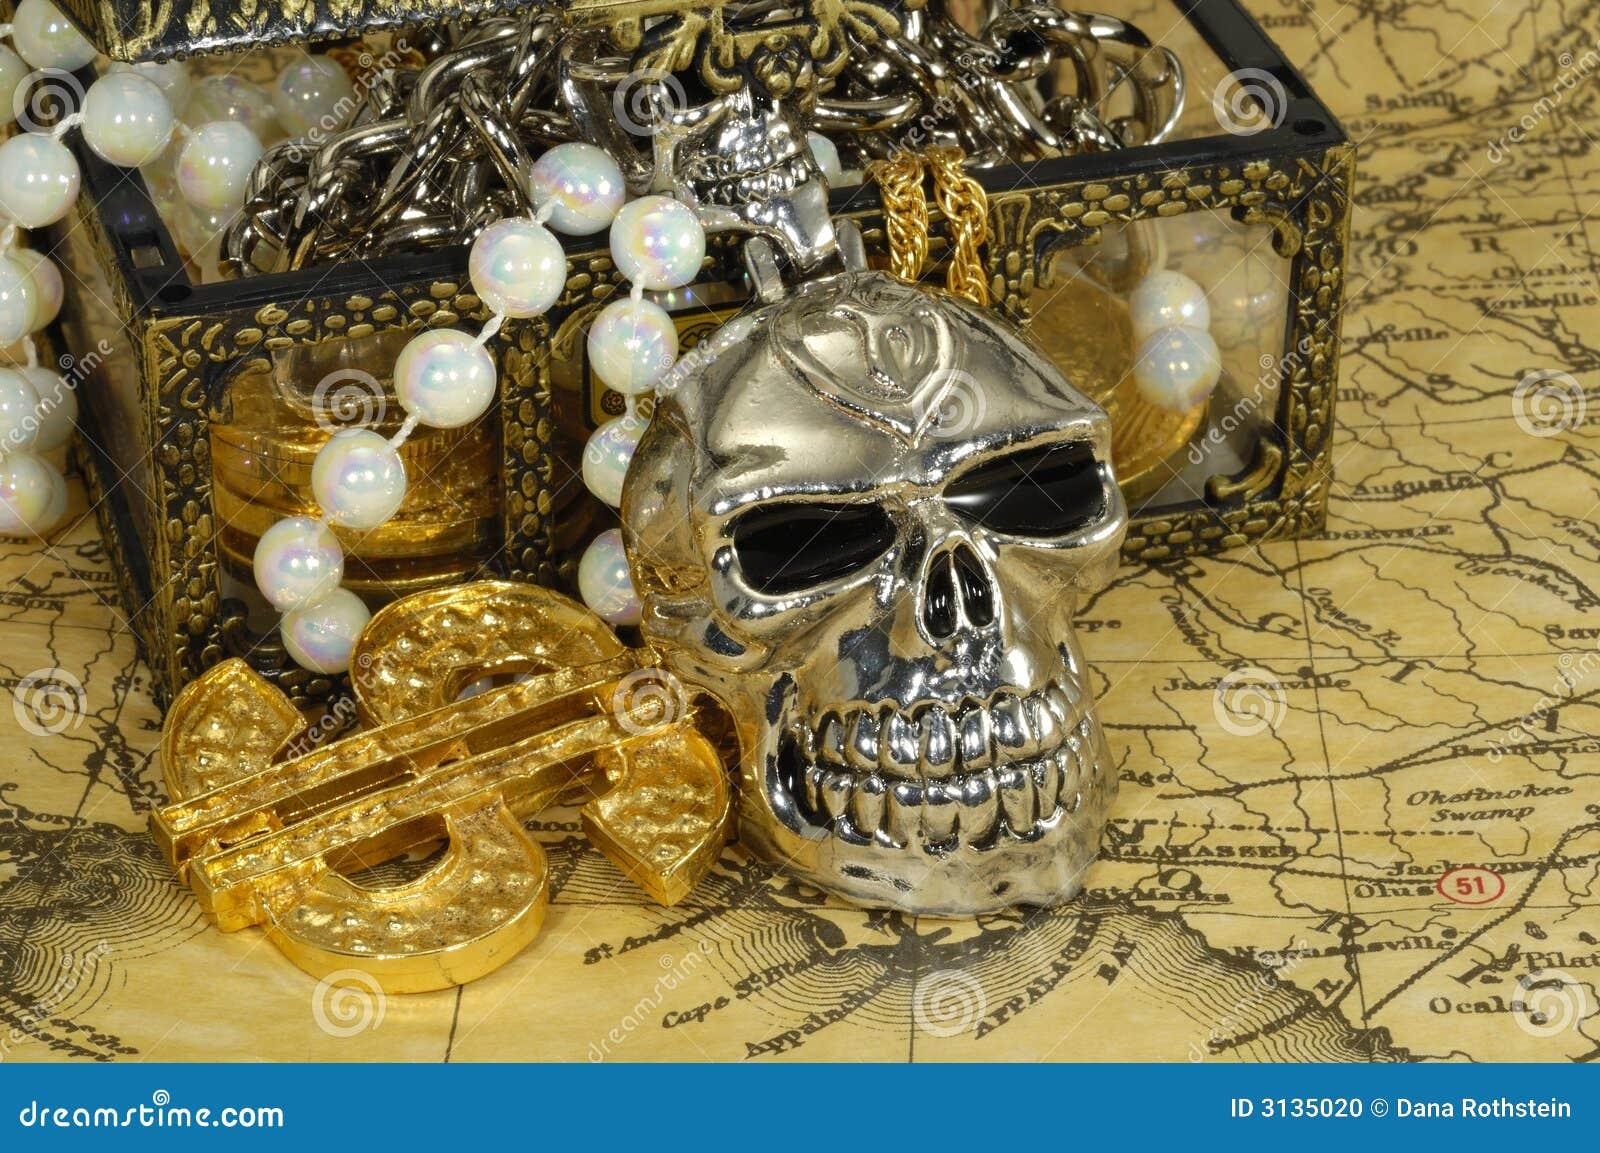 Piraten schatz konzept kasten mit gold und juwelen